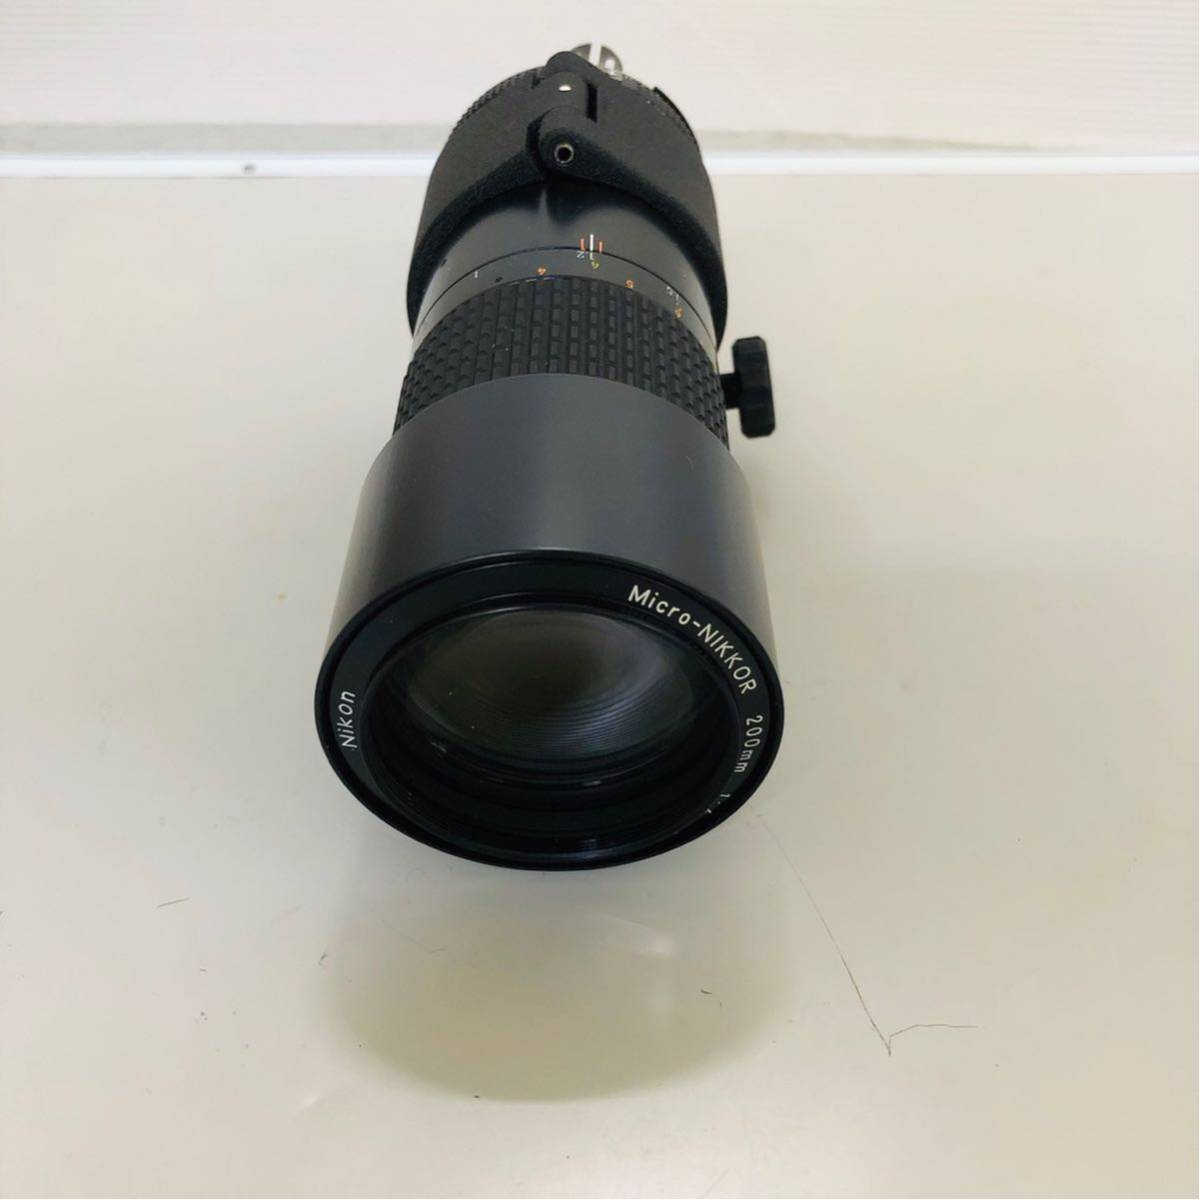 【美品】Nikon ニコン レンズ MICRO NIKKOR 200mm f/4_画像9